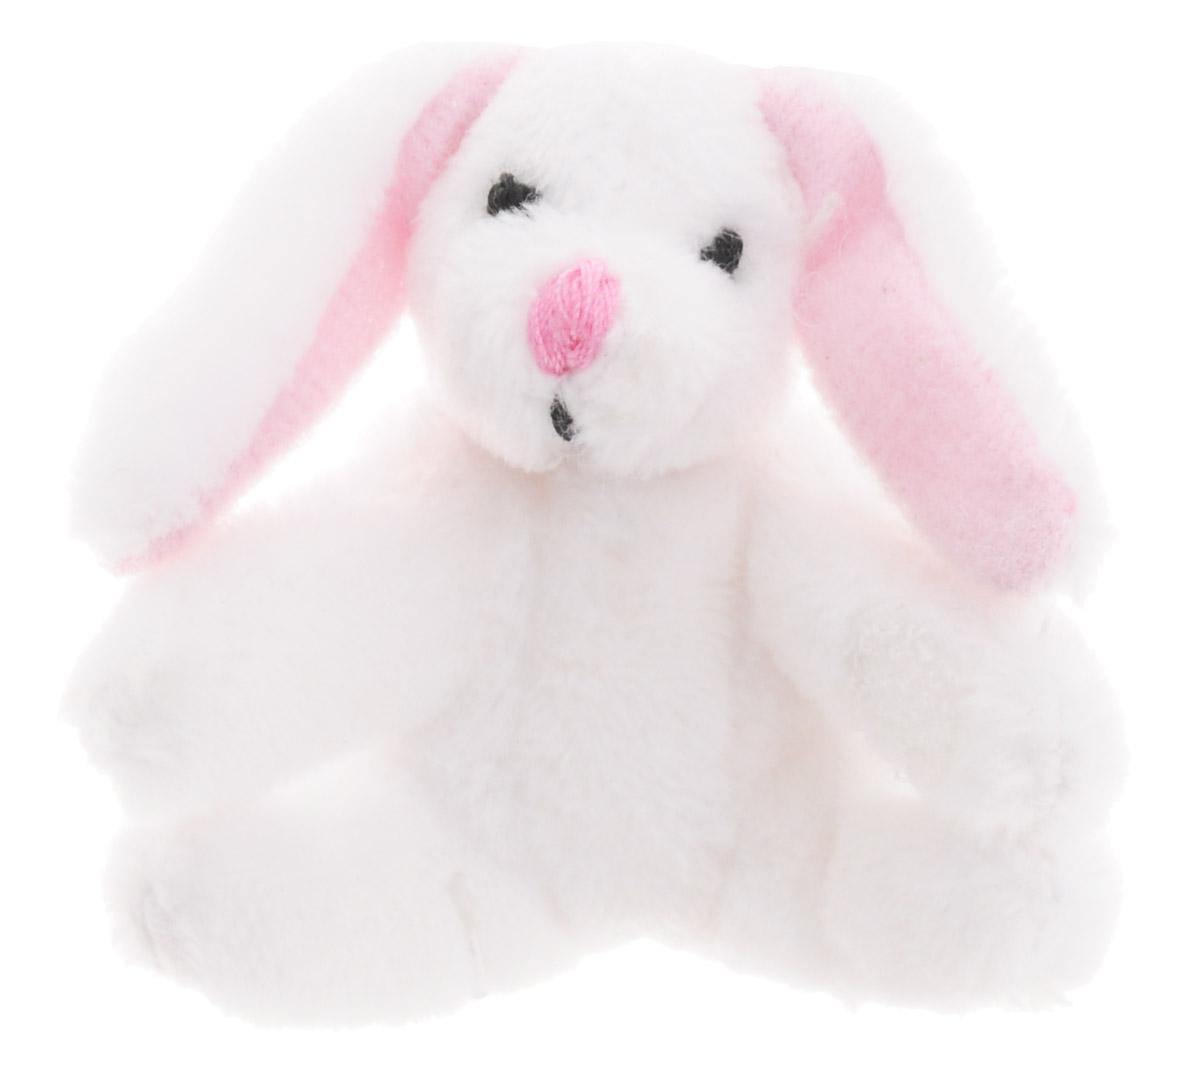 Beanzees Мягкая игрушка Кролик Hoppy 5 смB31001_4_белый кроликСимпатичная миниатюрная мягкая игрушка Beanzees Кролик Hoppy - это игрушка три в одном. Ее приятно держать в руках, увлекательно коллекционировать, а также эти игрушки можно соединять между собой с помощью липучек и носить как оригинальное украшение на шею или на руку. По легенде эти крошечные животные обитают все вместе в волшебном лесу под названием Бинзилэнд, в котором всегда ярко светит солнышко и цветут цветы. Размер игрушки 5 см, она выполнена из мягкого гипоаллергенного материала, набивка - синтетическое волокно, в том числе специальные пластиковые гранулы, делающие эту игрушку замечательным антистрессом. На лапках кролика располагаются маленькие текстильные липучки, с помощью которых игрушку можно соединять с другими.